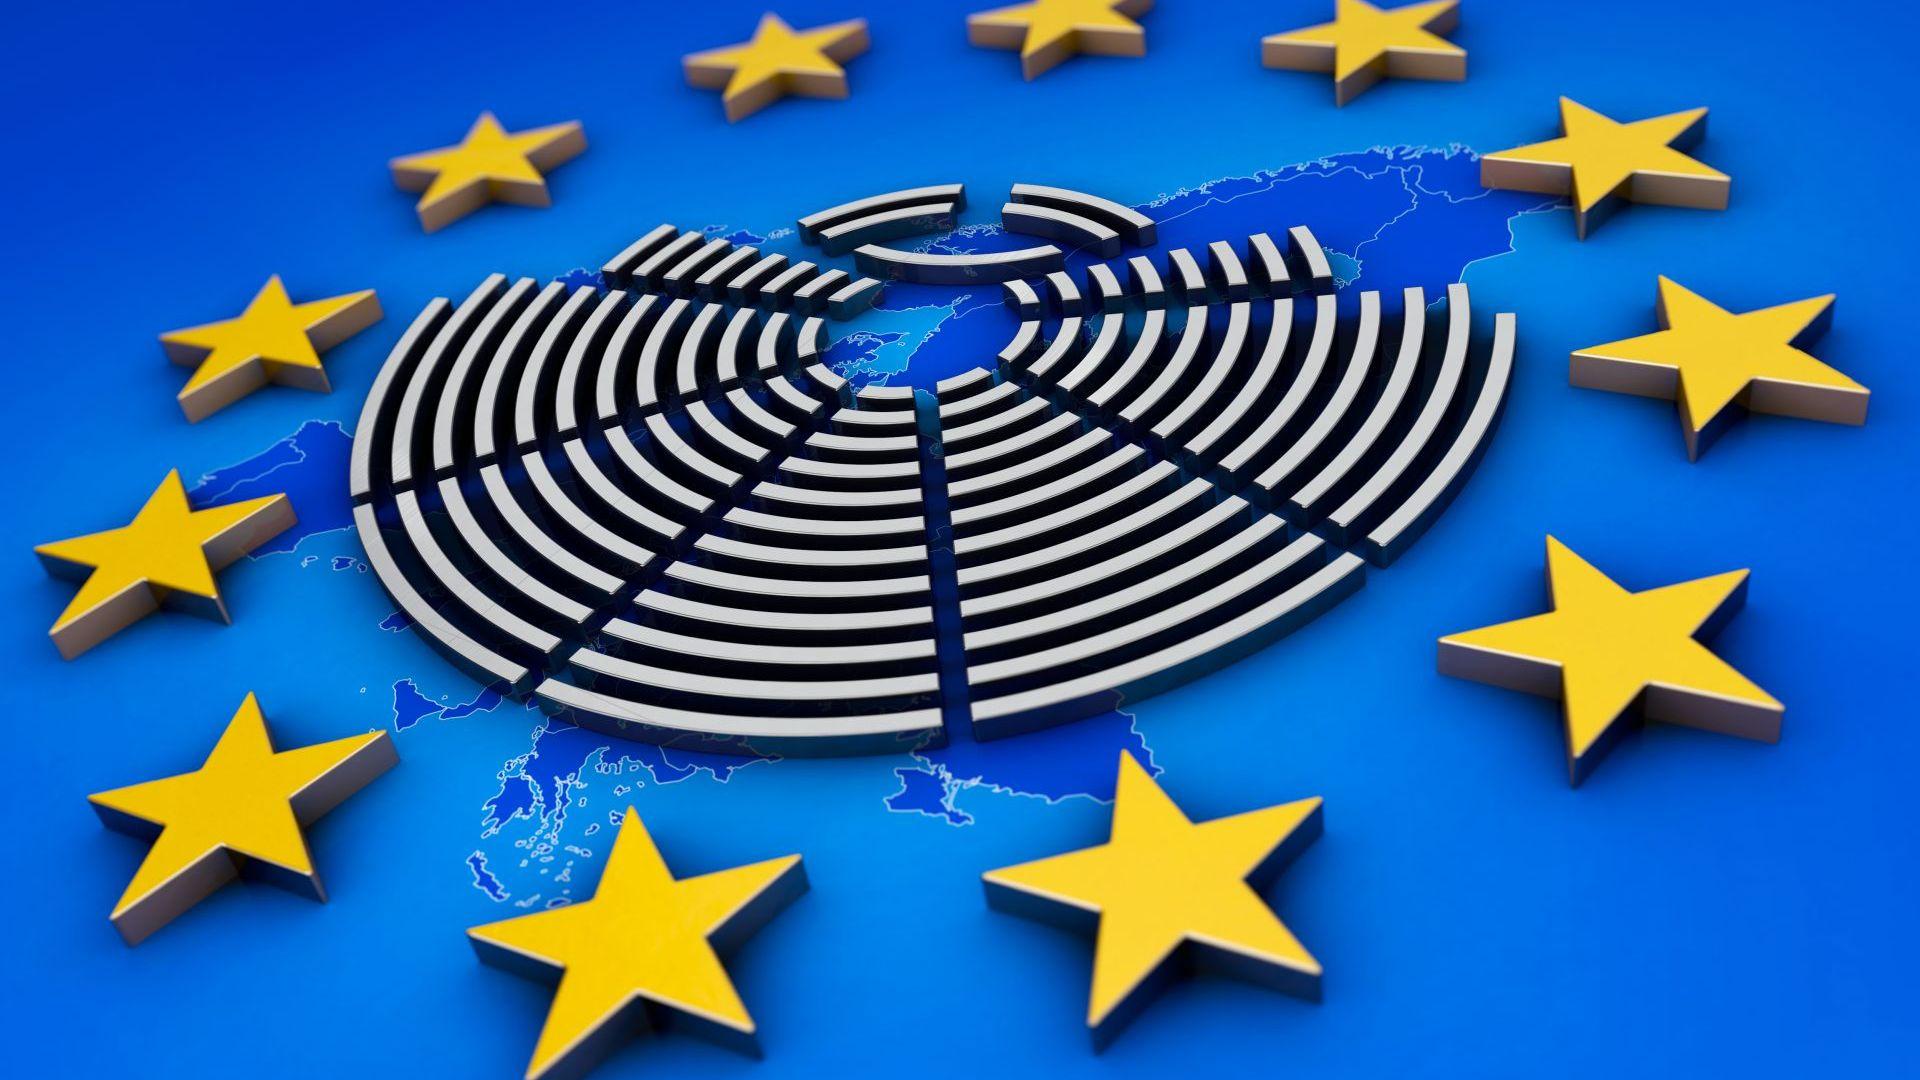 БСП реди листата си за евровота, а ГЕРБ представя платформата си